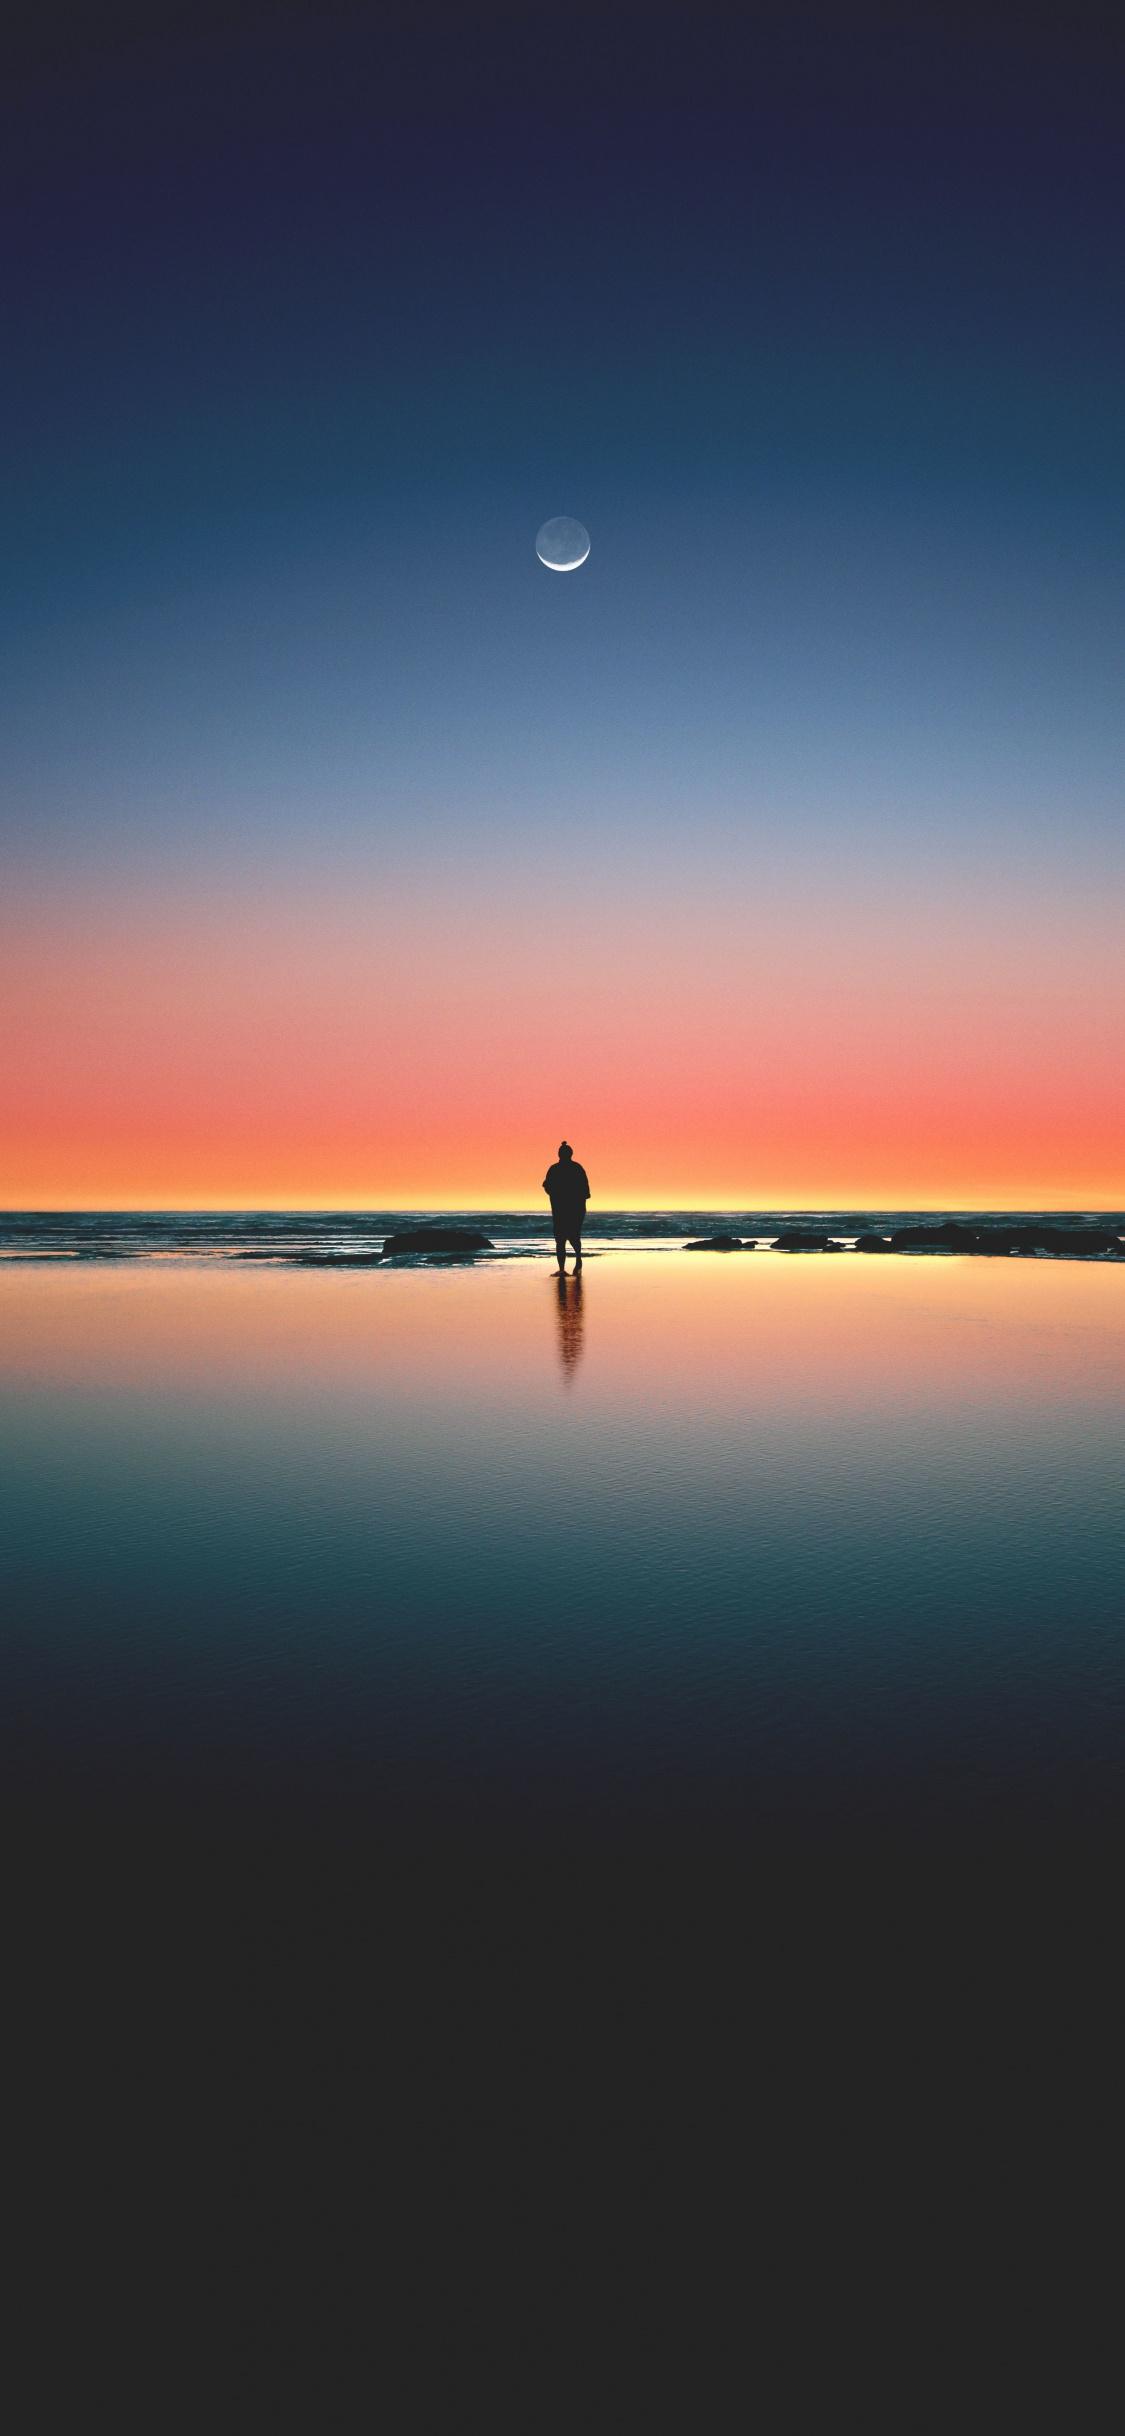 Sunset, Beach, Sea, Horizon, Silhouette, Moon, Wallpaper - Fond Ecran Dégradé De Couleur , HD Wallpaper & Backgrounds